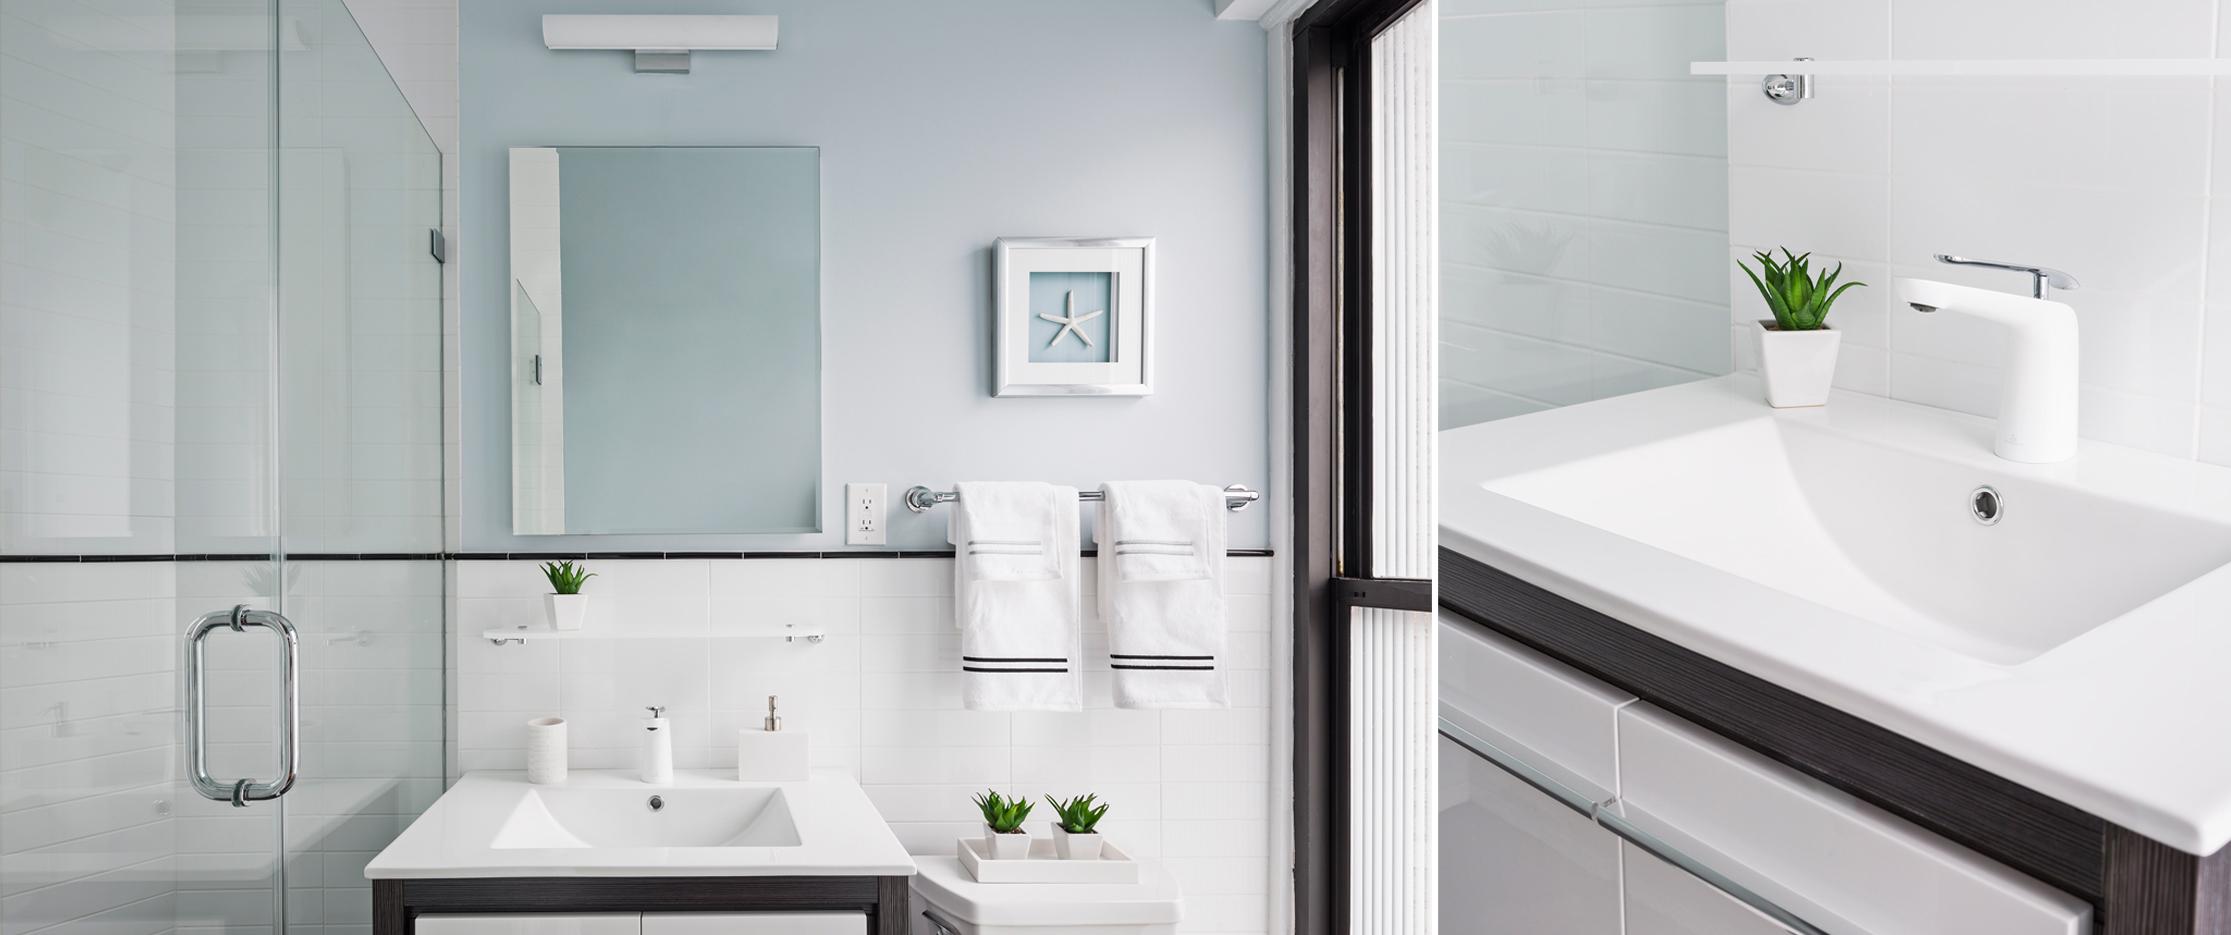 Inside Wright bathroom